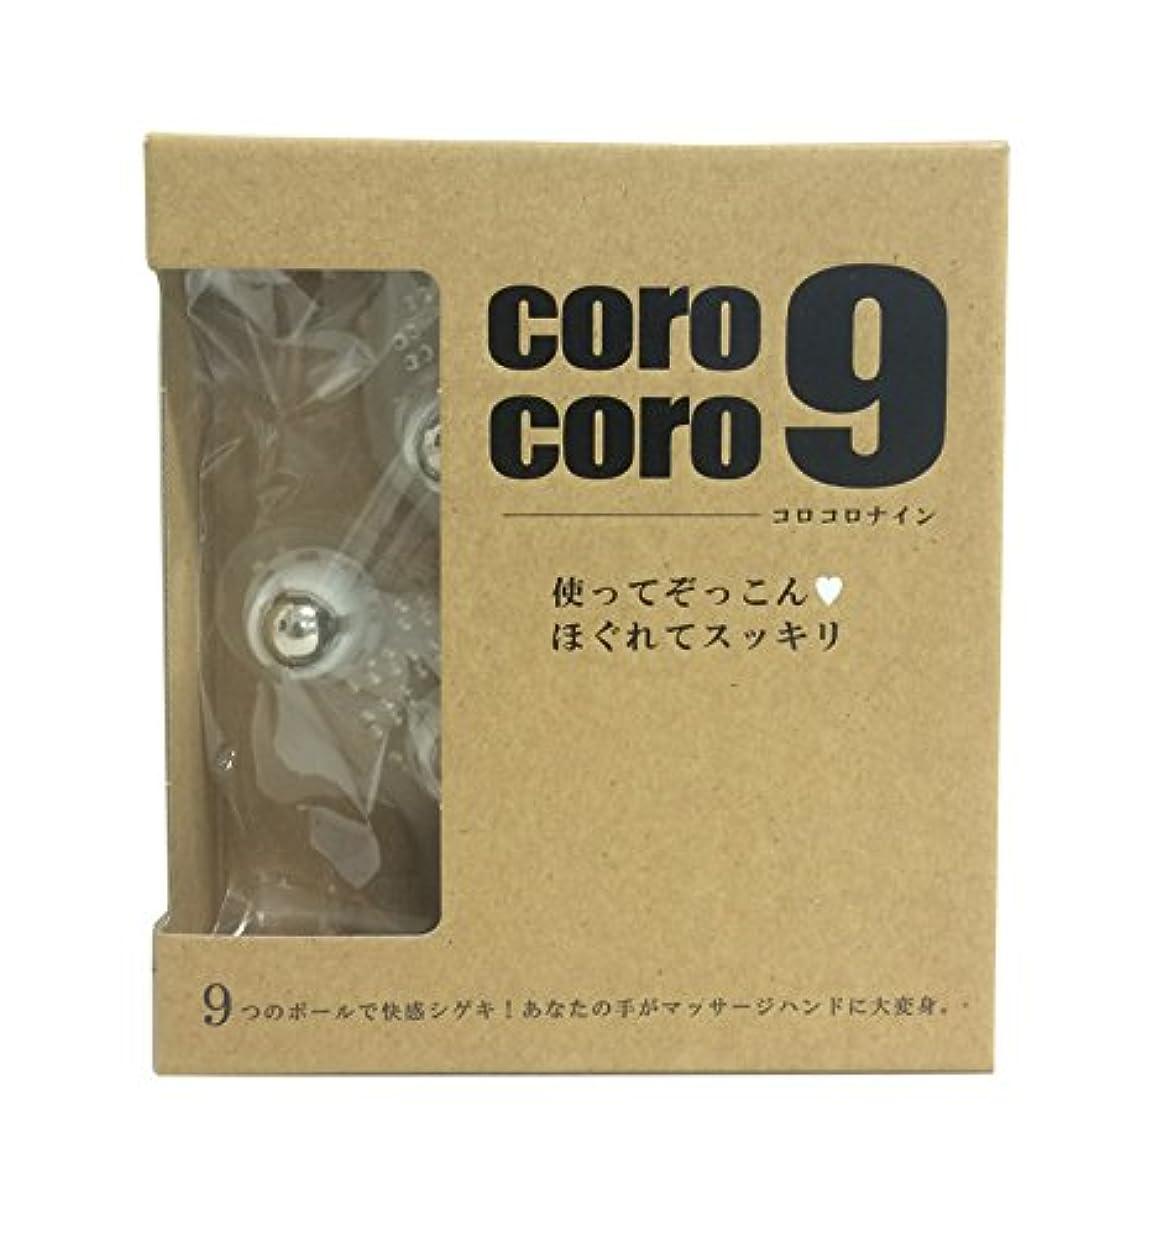 浅い確認してください通知Reシリーズ CoroCoro9 クリア